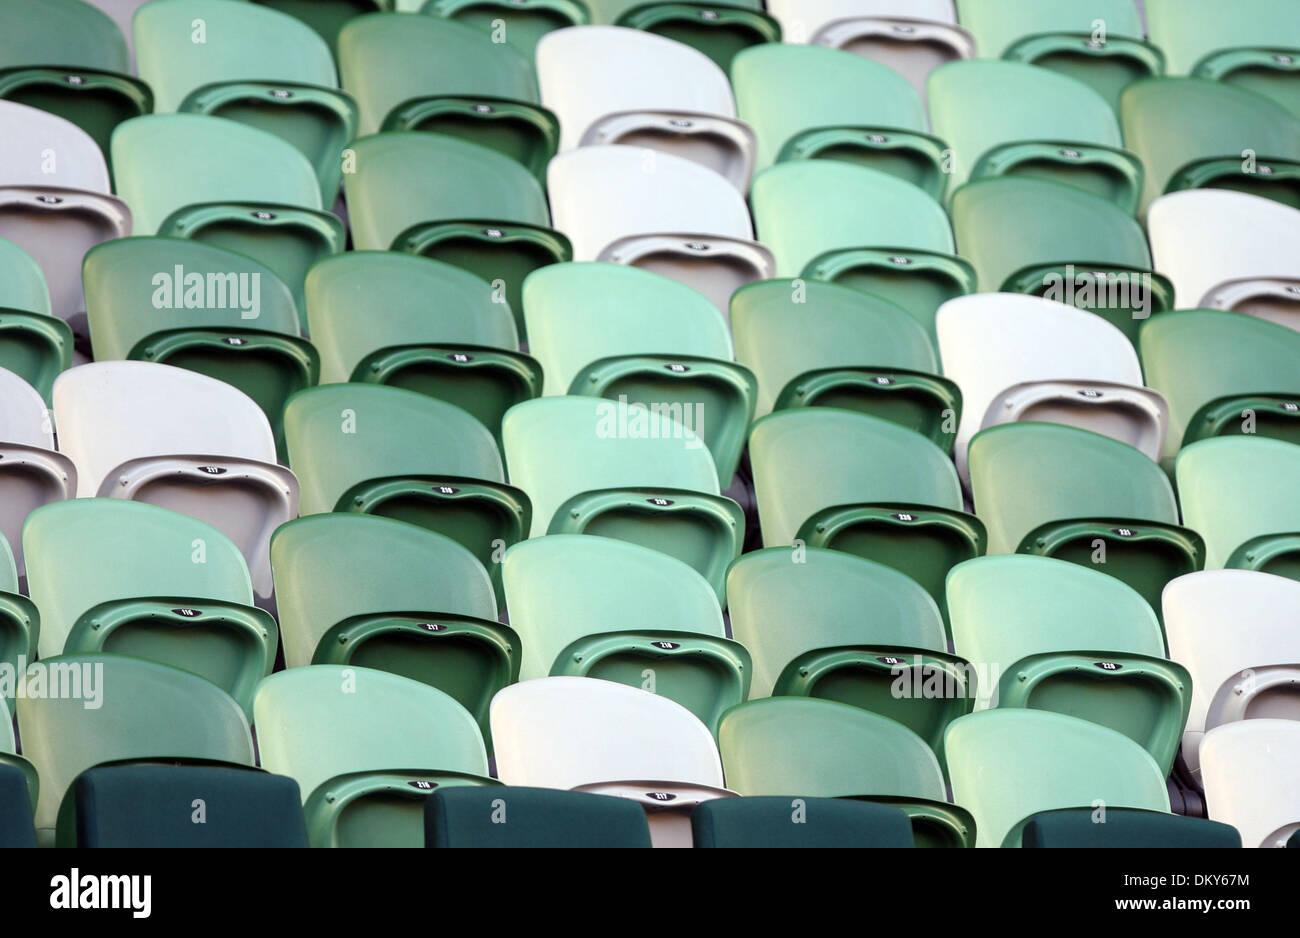 20. Januar 2010 - Melbourne, Victoria, Australien - leere Stadionsitze während der Justine Henin (BEL) Vs Elena Dementieva übereinstimmen, während der Runde eine Aktion bei den Australian Open 2010. (Kredit-Bild: © MM Bilder/ZUMA Press) Stockbild